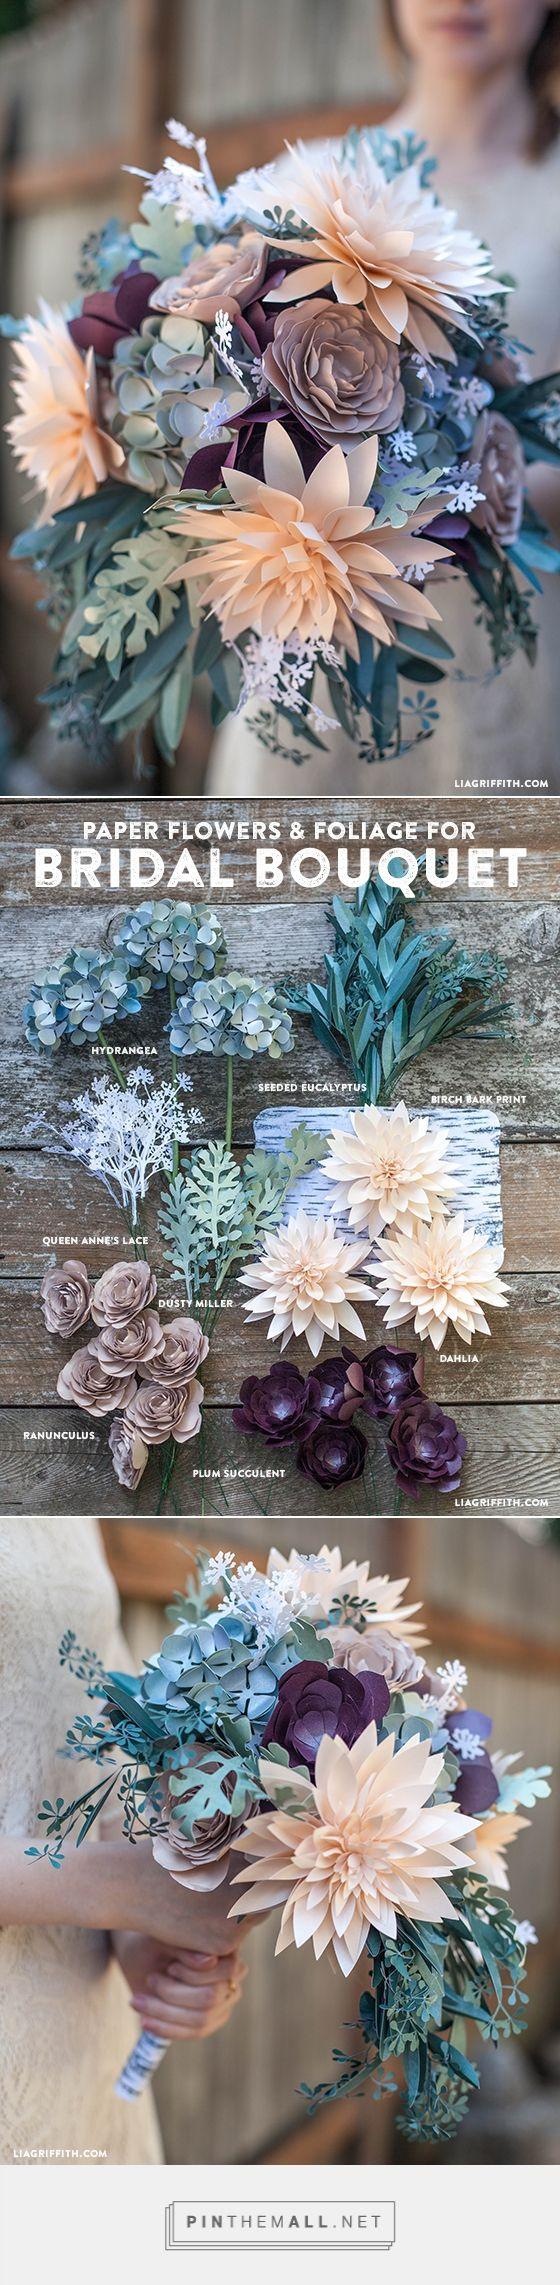 DIY Rustic Paper Bridal Bouquet - Lia Griffith www.liagriffith.com